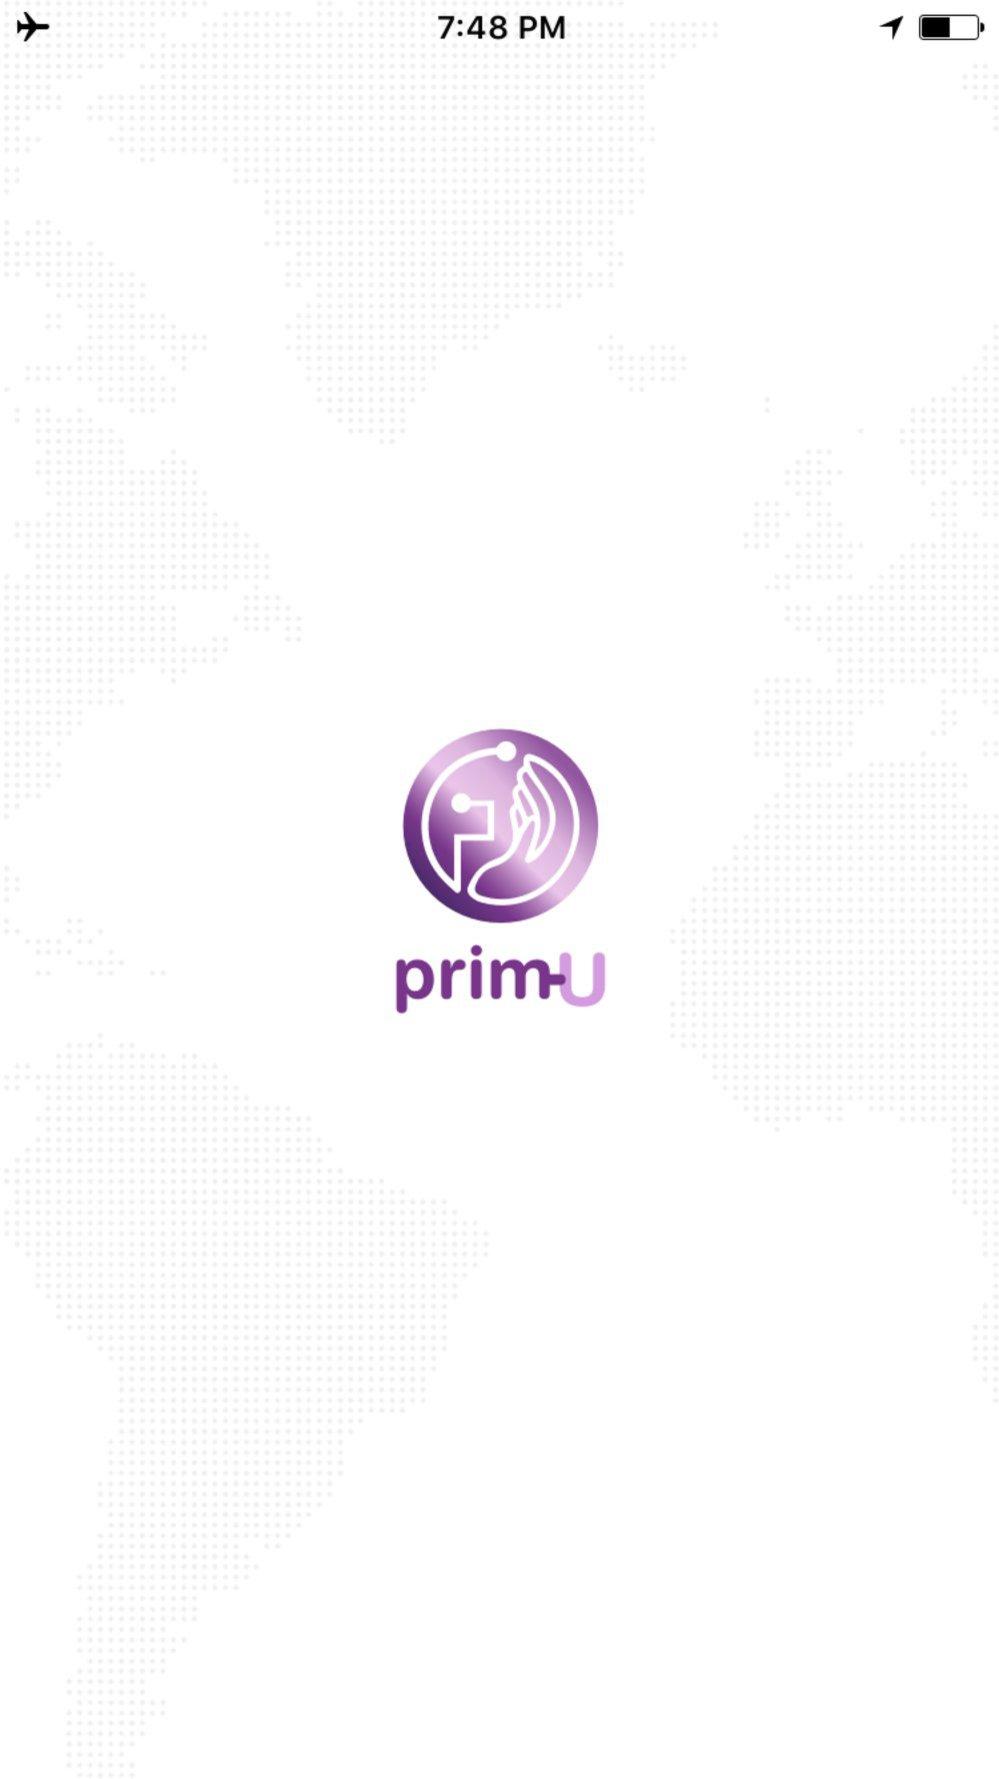 Prim-U cover